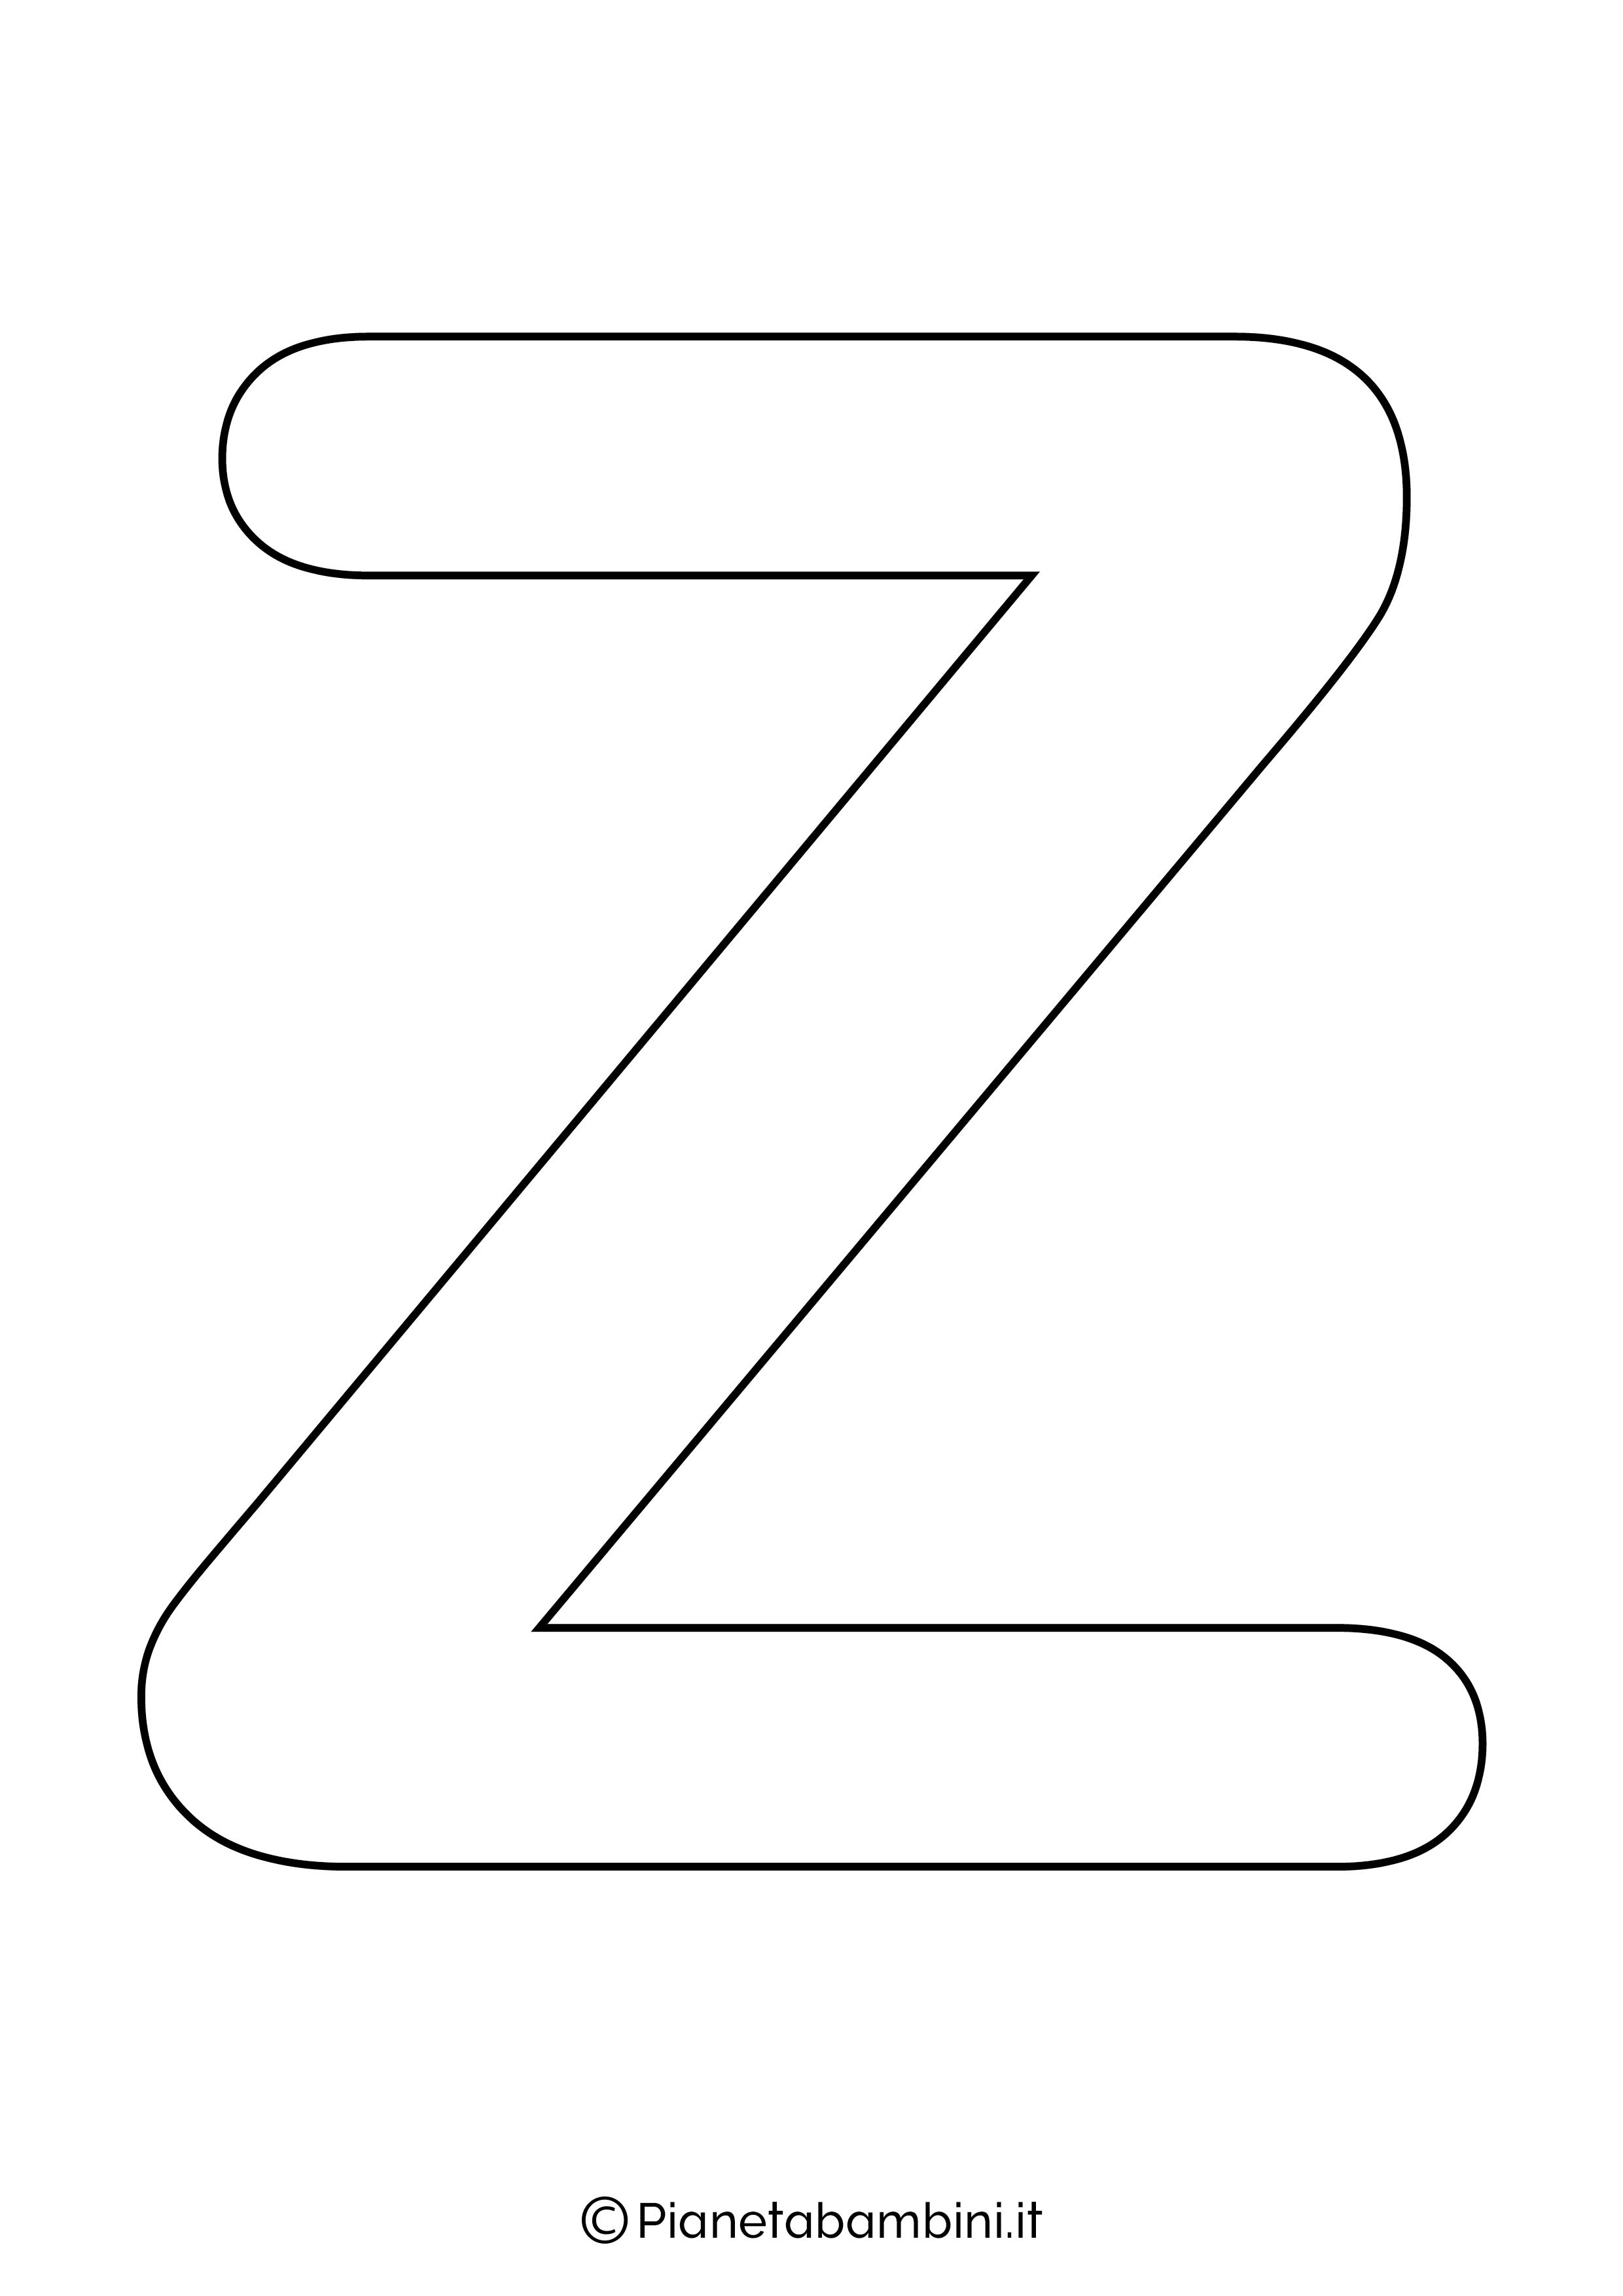 Lettera Z Maiuscola da stampare